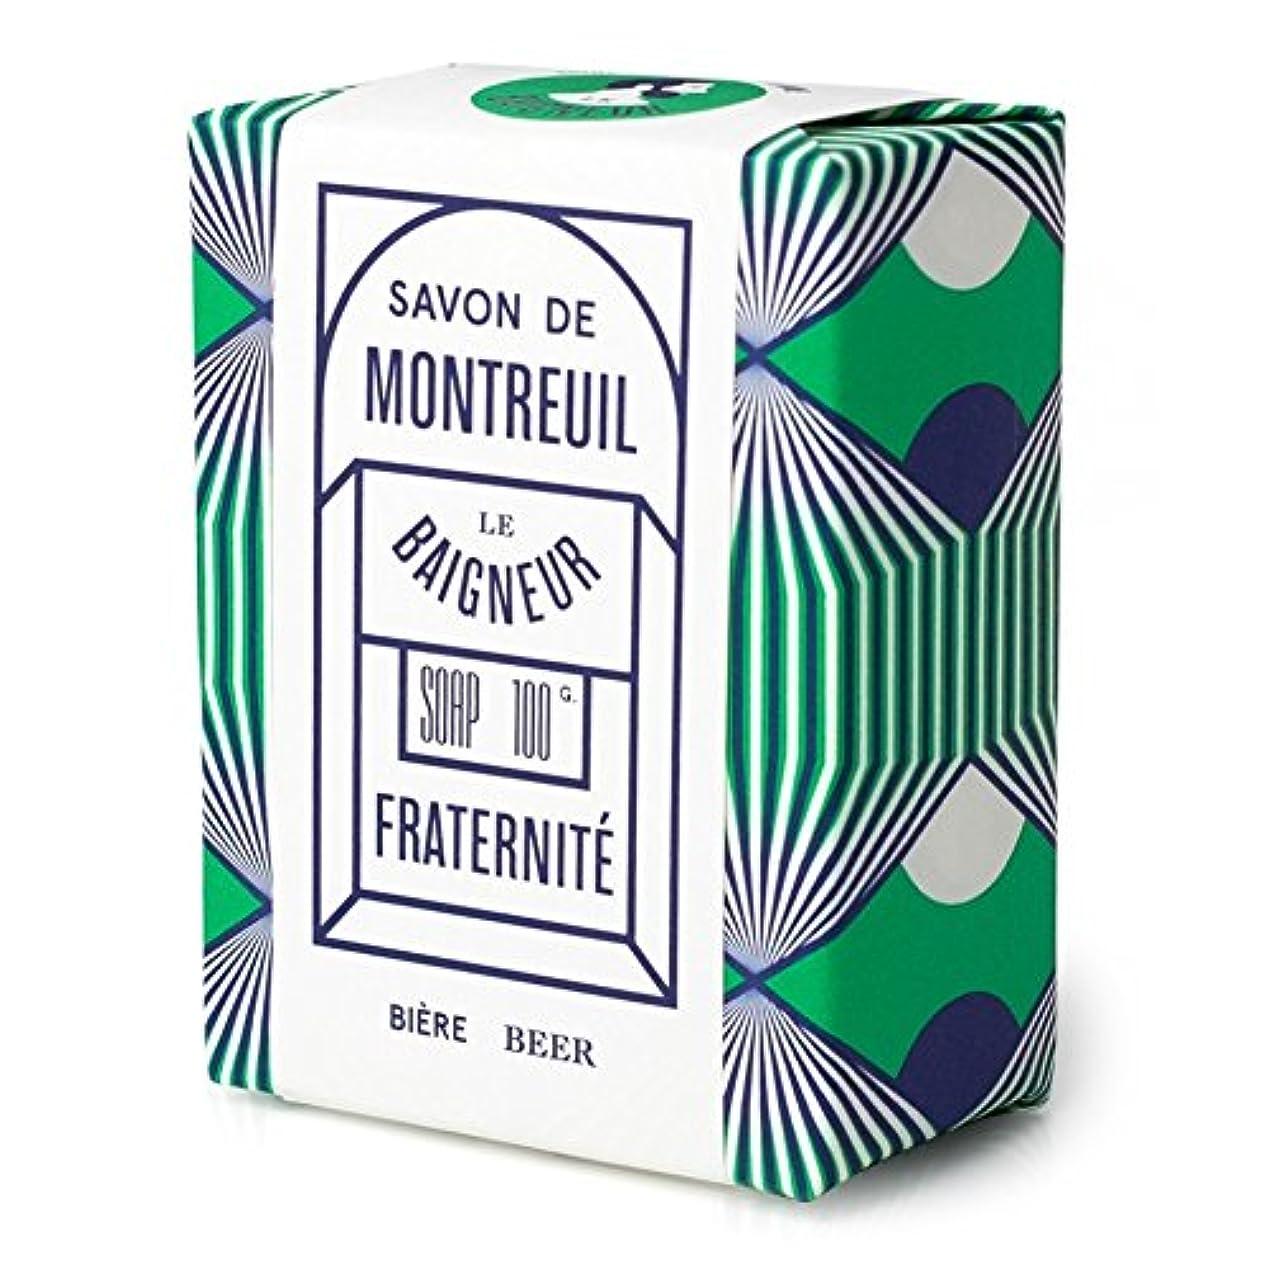 楽しませるヘクタール細断ル 石鹸100グラム x4 - Le Baigneur Fraternite Soap 100g (Pack of 4) [並行輸入品]